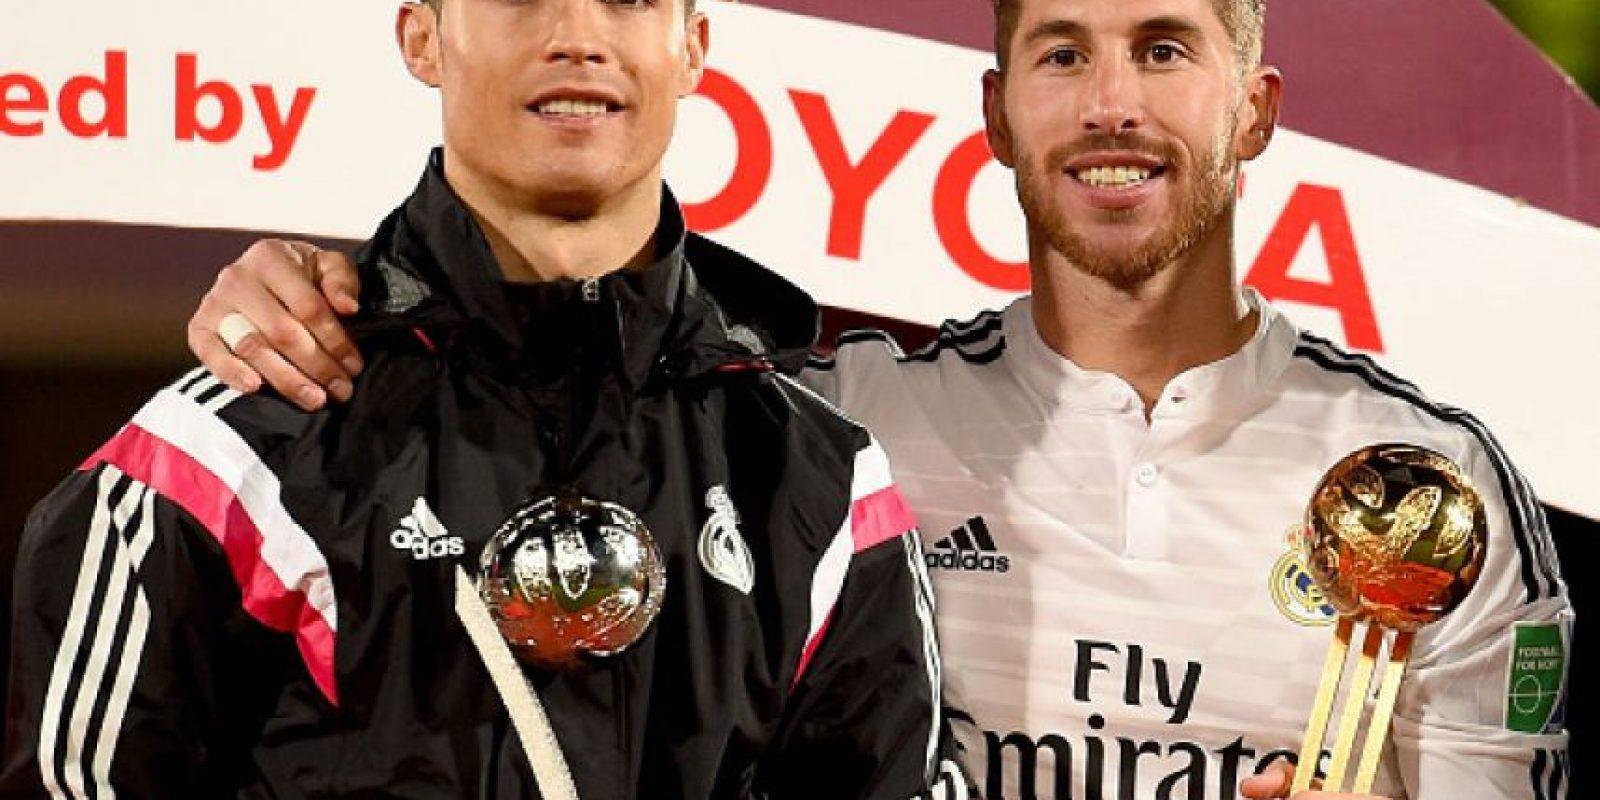 Llegó al club merengue en 2005, procedente del Sevilla. Con el Madrid ha ganado 3 Ligas de España, dos Copas del Rey y dos Supercopa. Foto:Getty Images